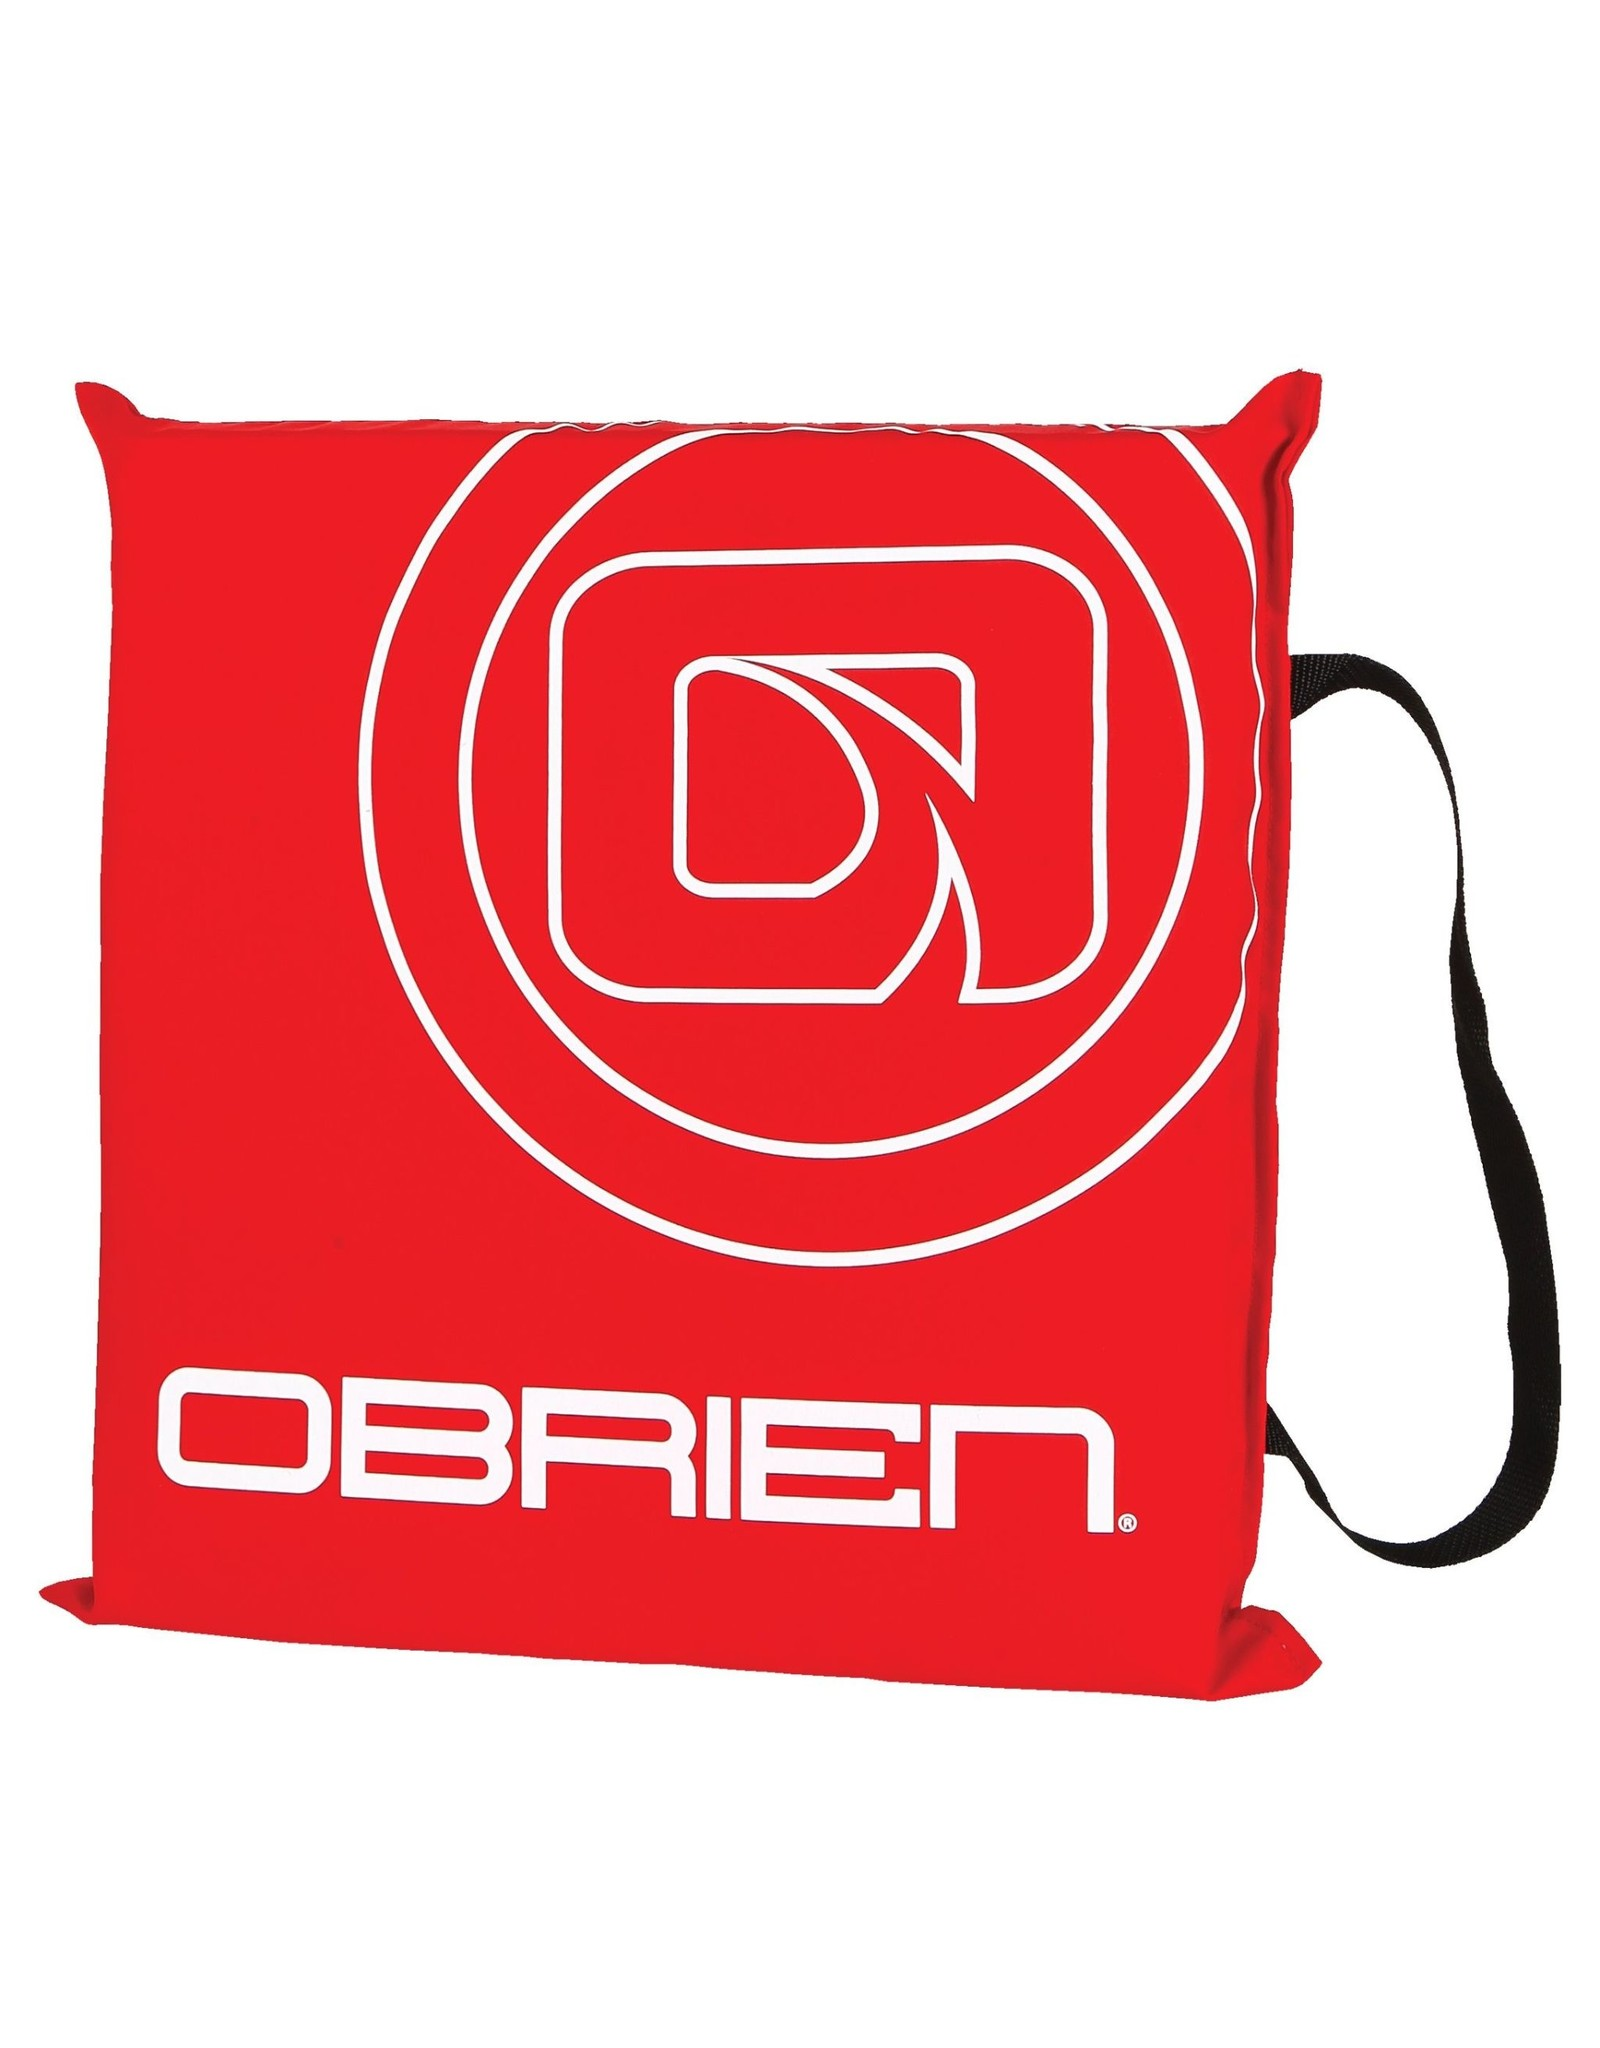 O'Brien Throw Cushion, Red